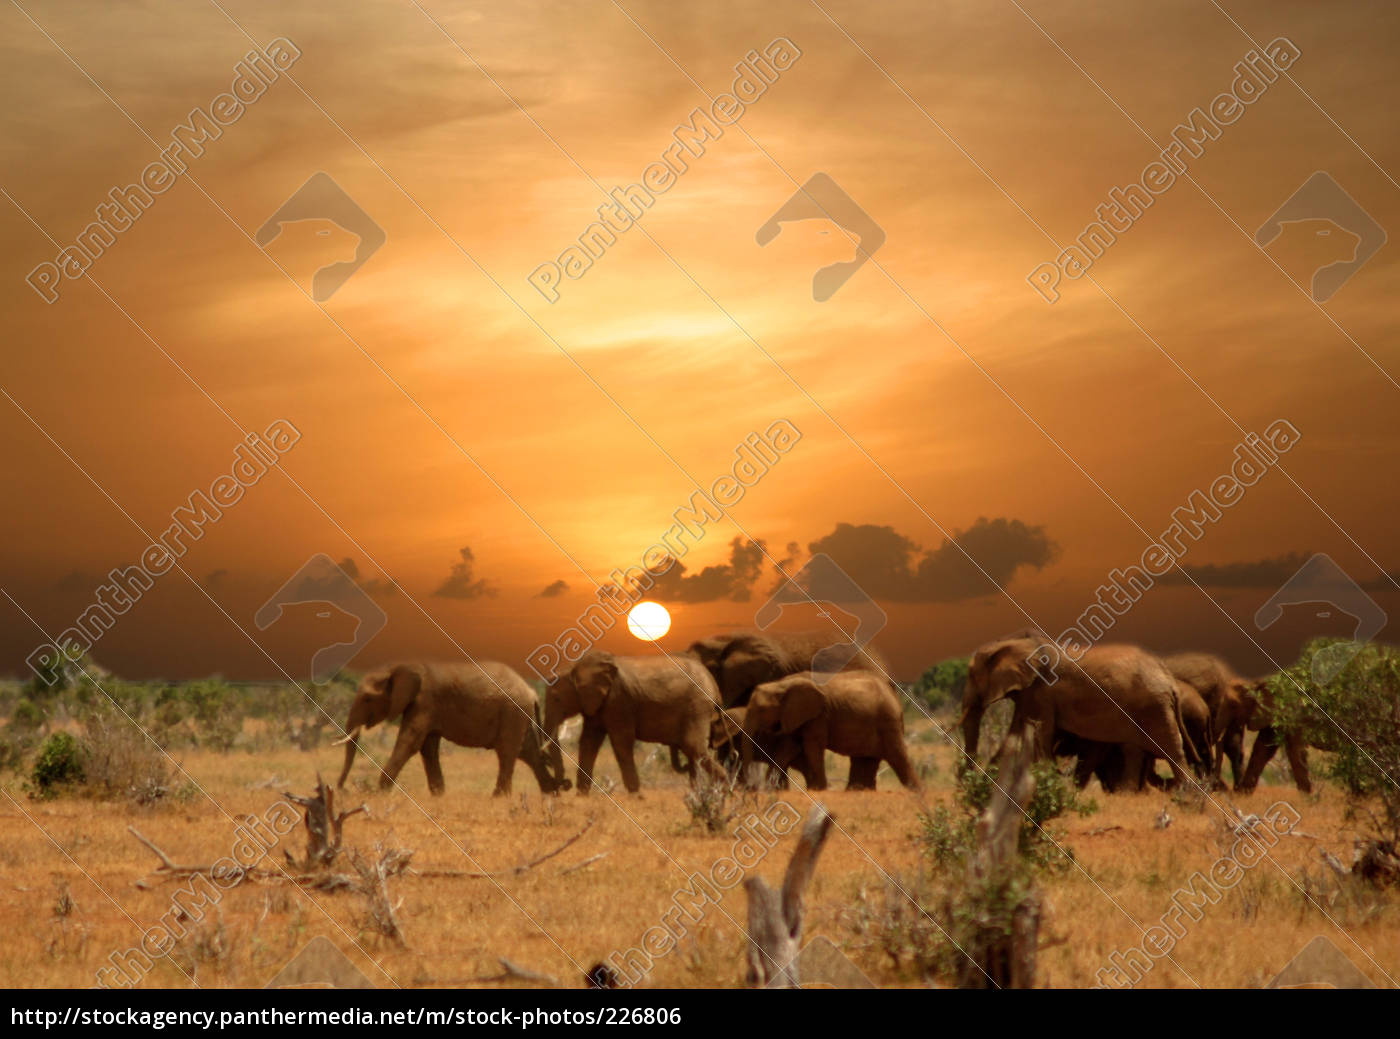 elefantenherde - 226806